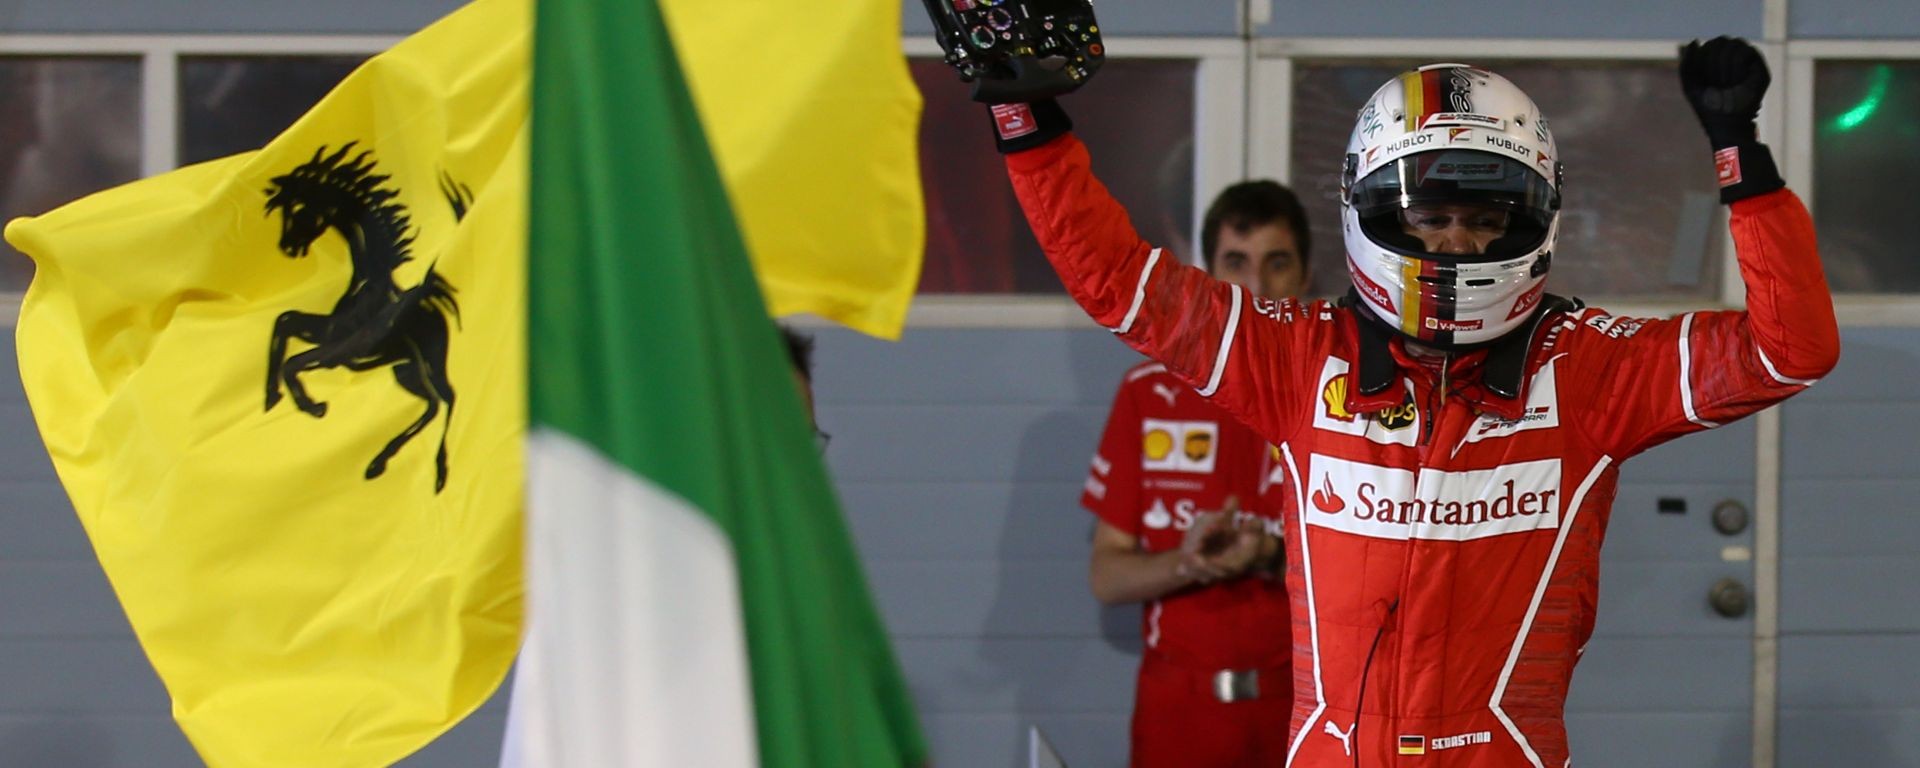 F1, GP Bahrain 2017: Sebastian Vettel (Ferrari) festeggia la vittoria